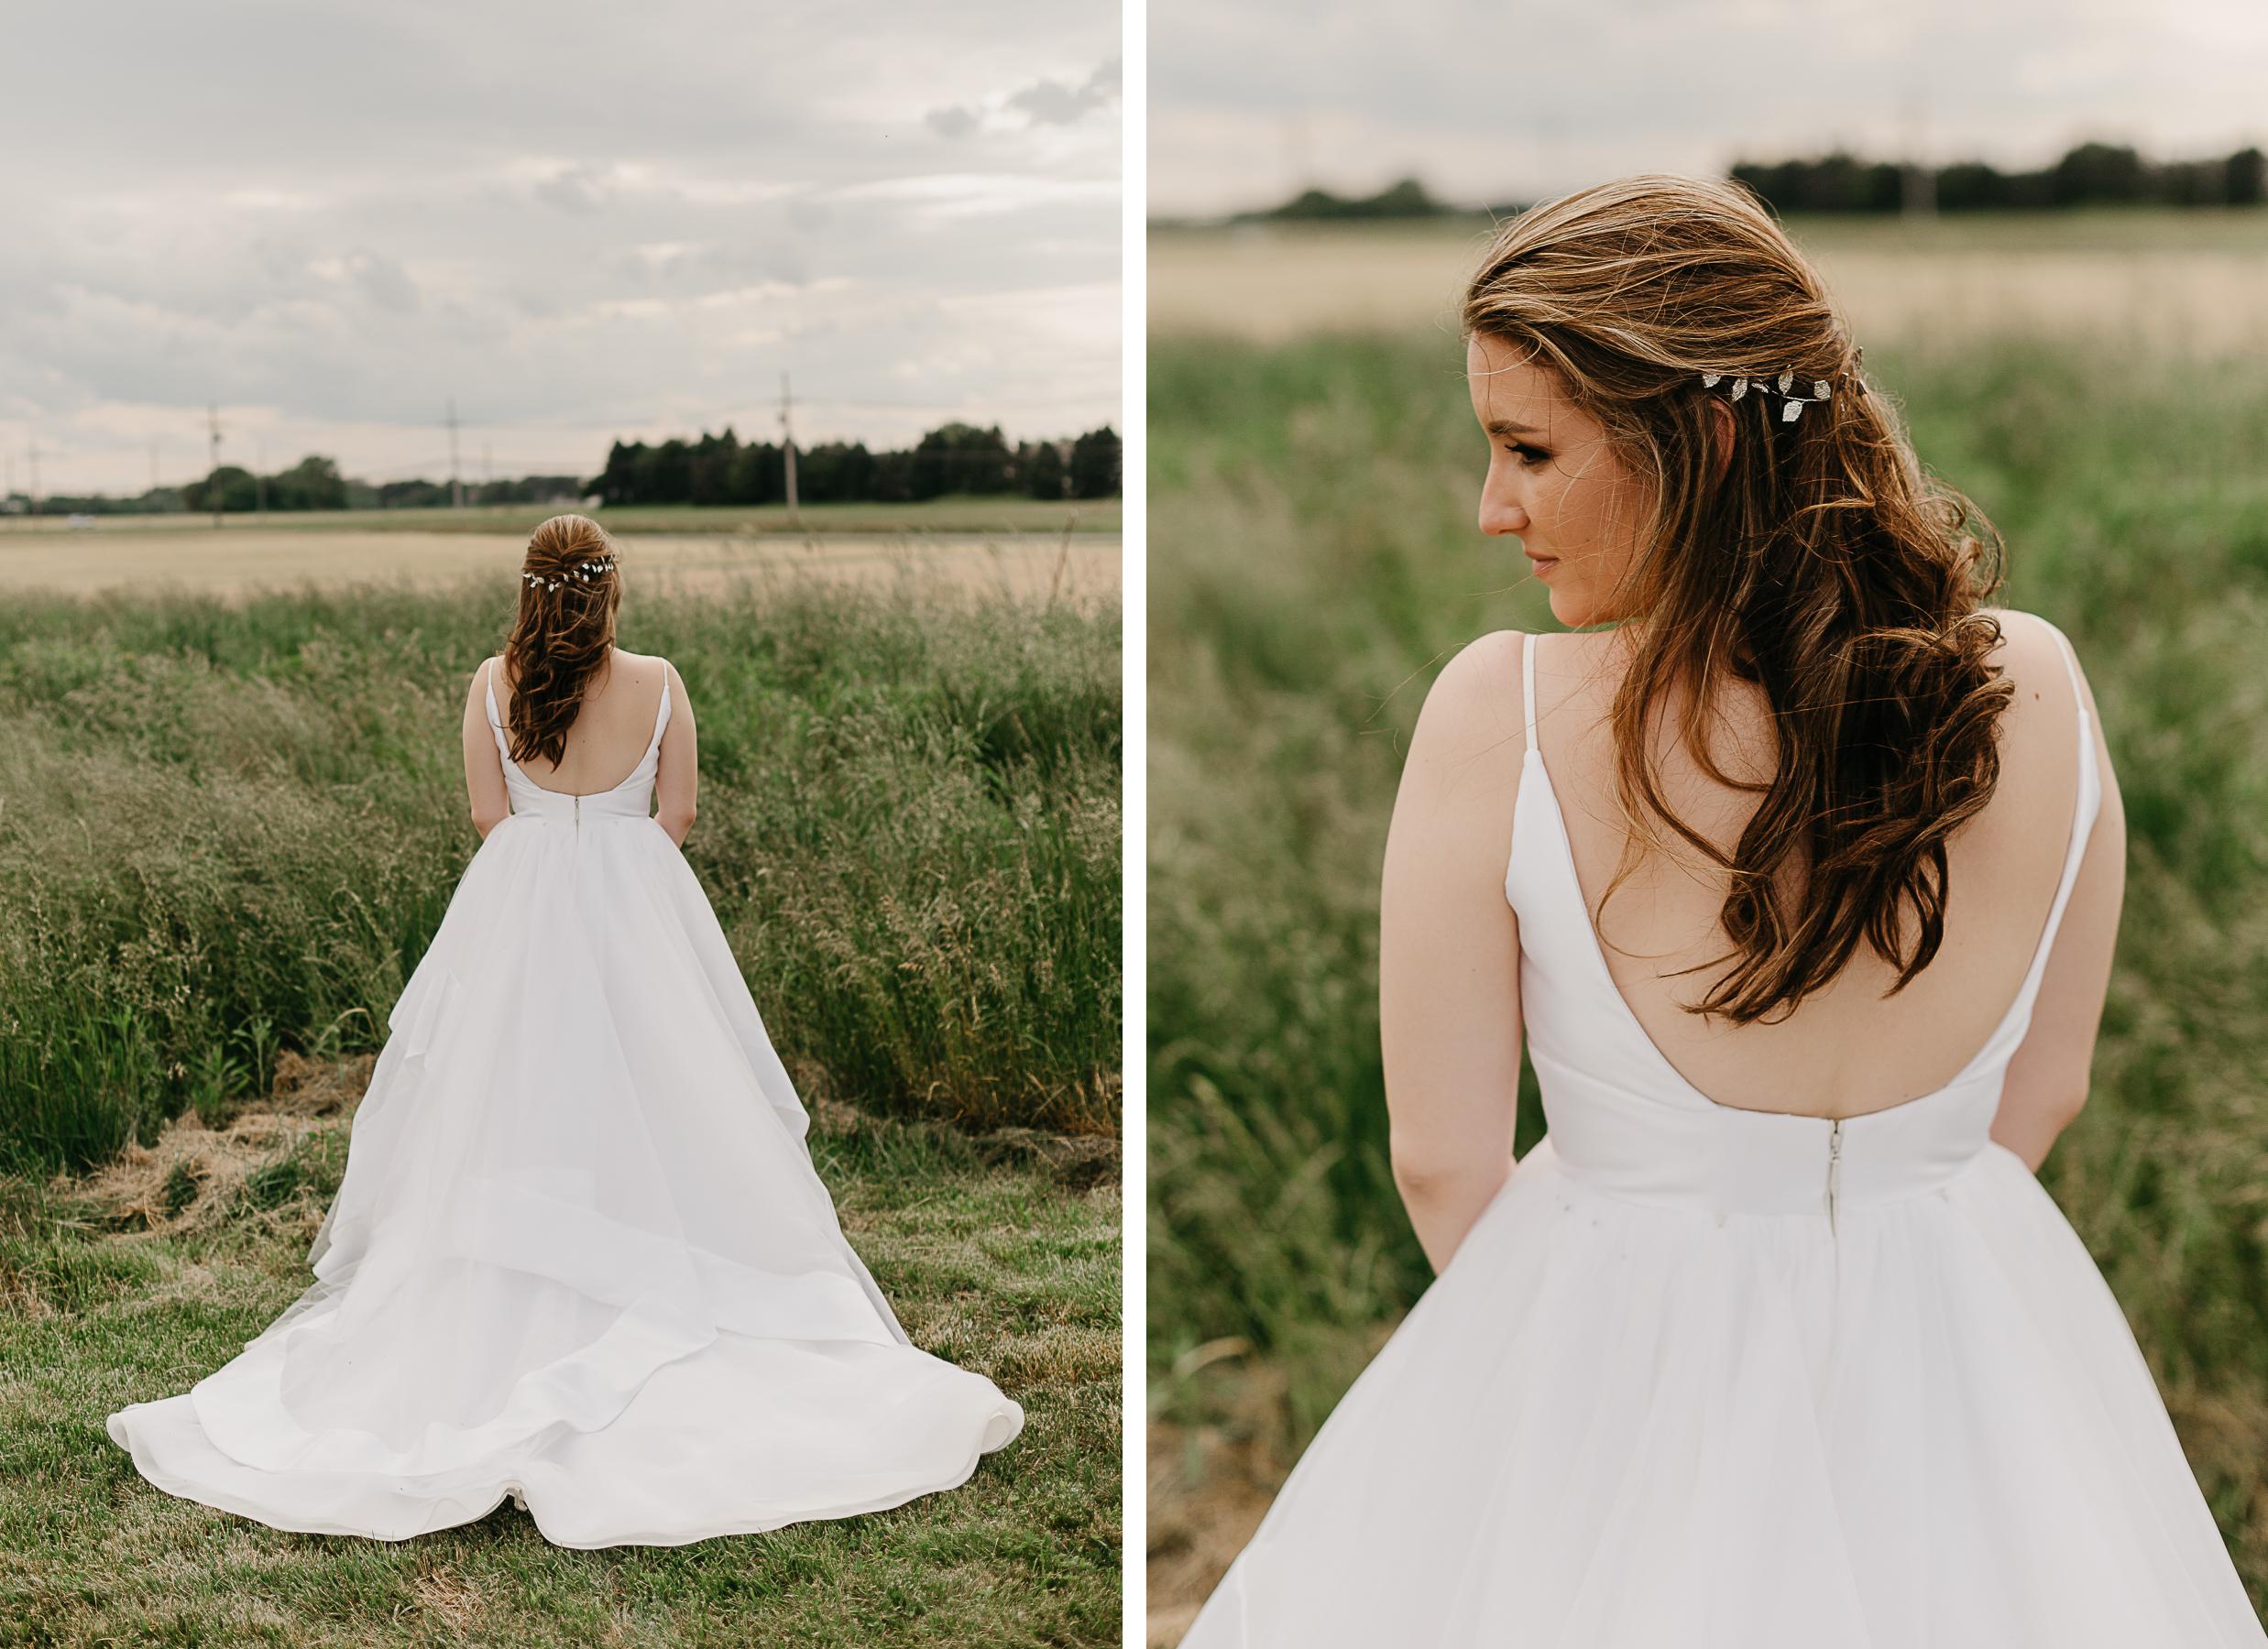 anna szczekutowicz austin wedding photographer-4.jpg